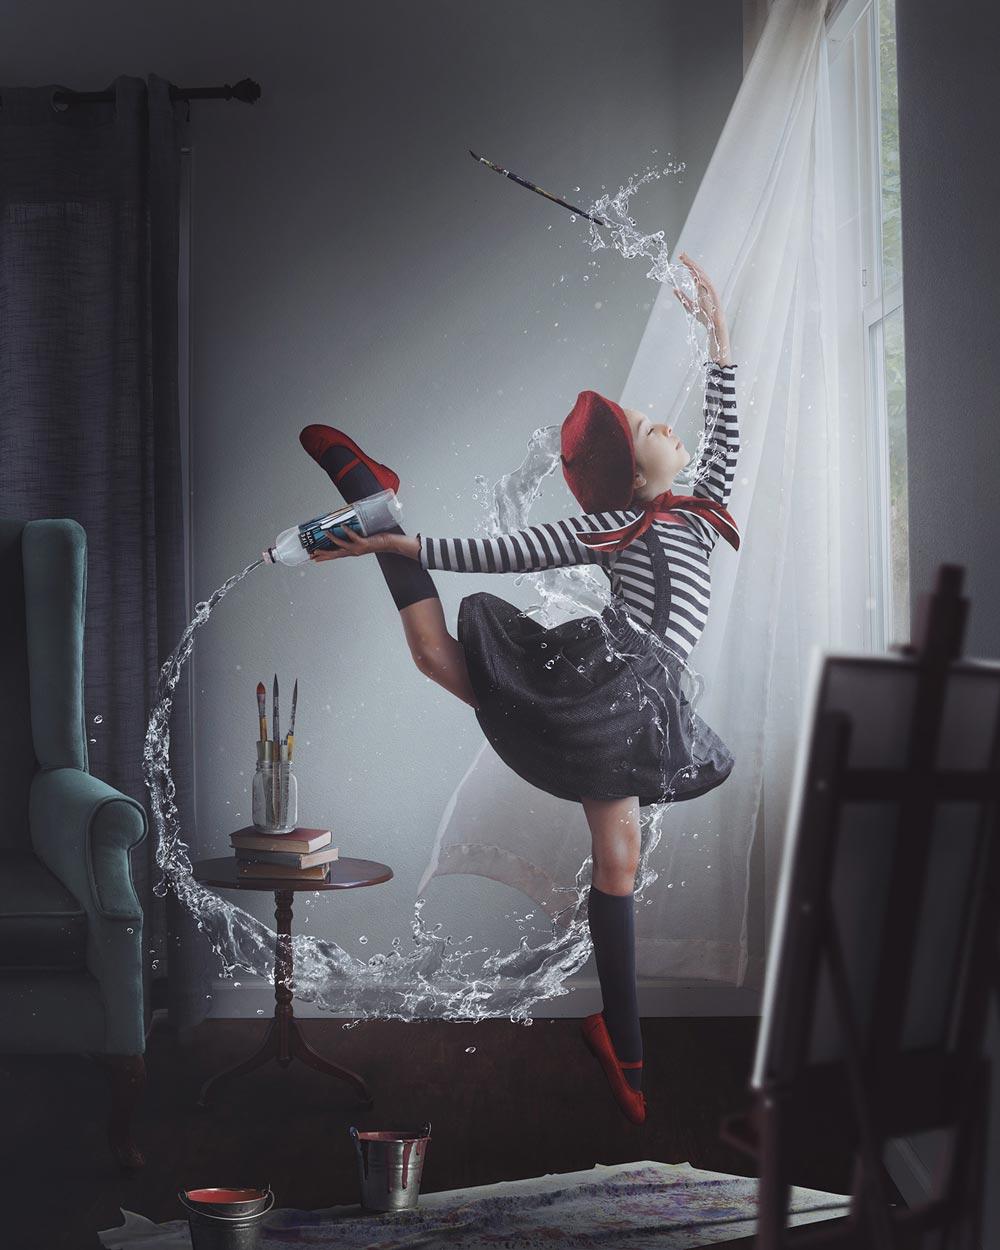 Vanessa Rivera 创意合成人像系列作品 时尚图库 第7张